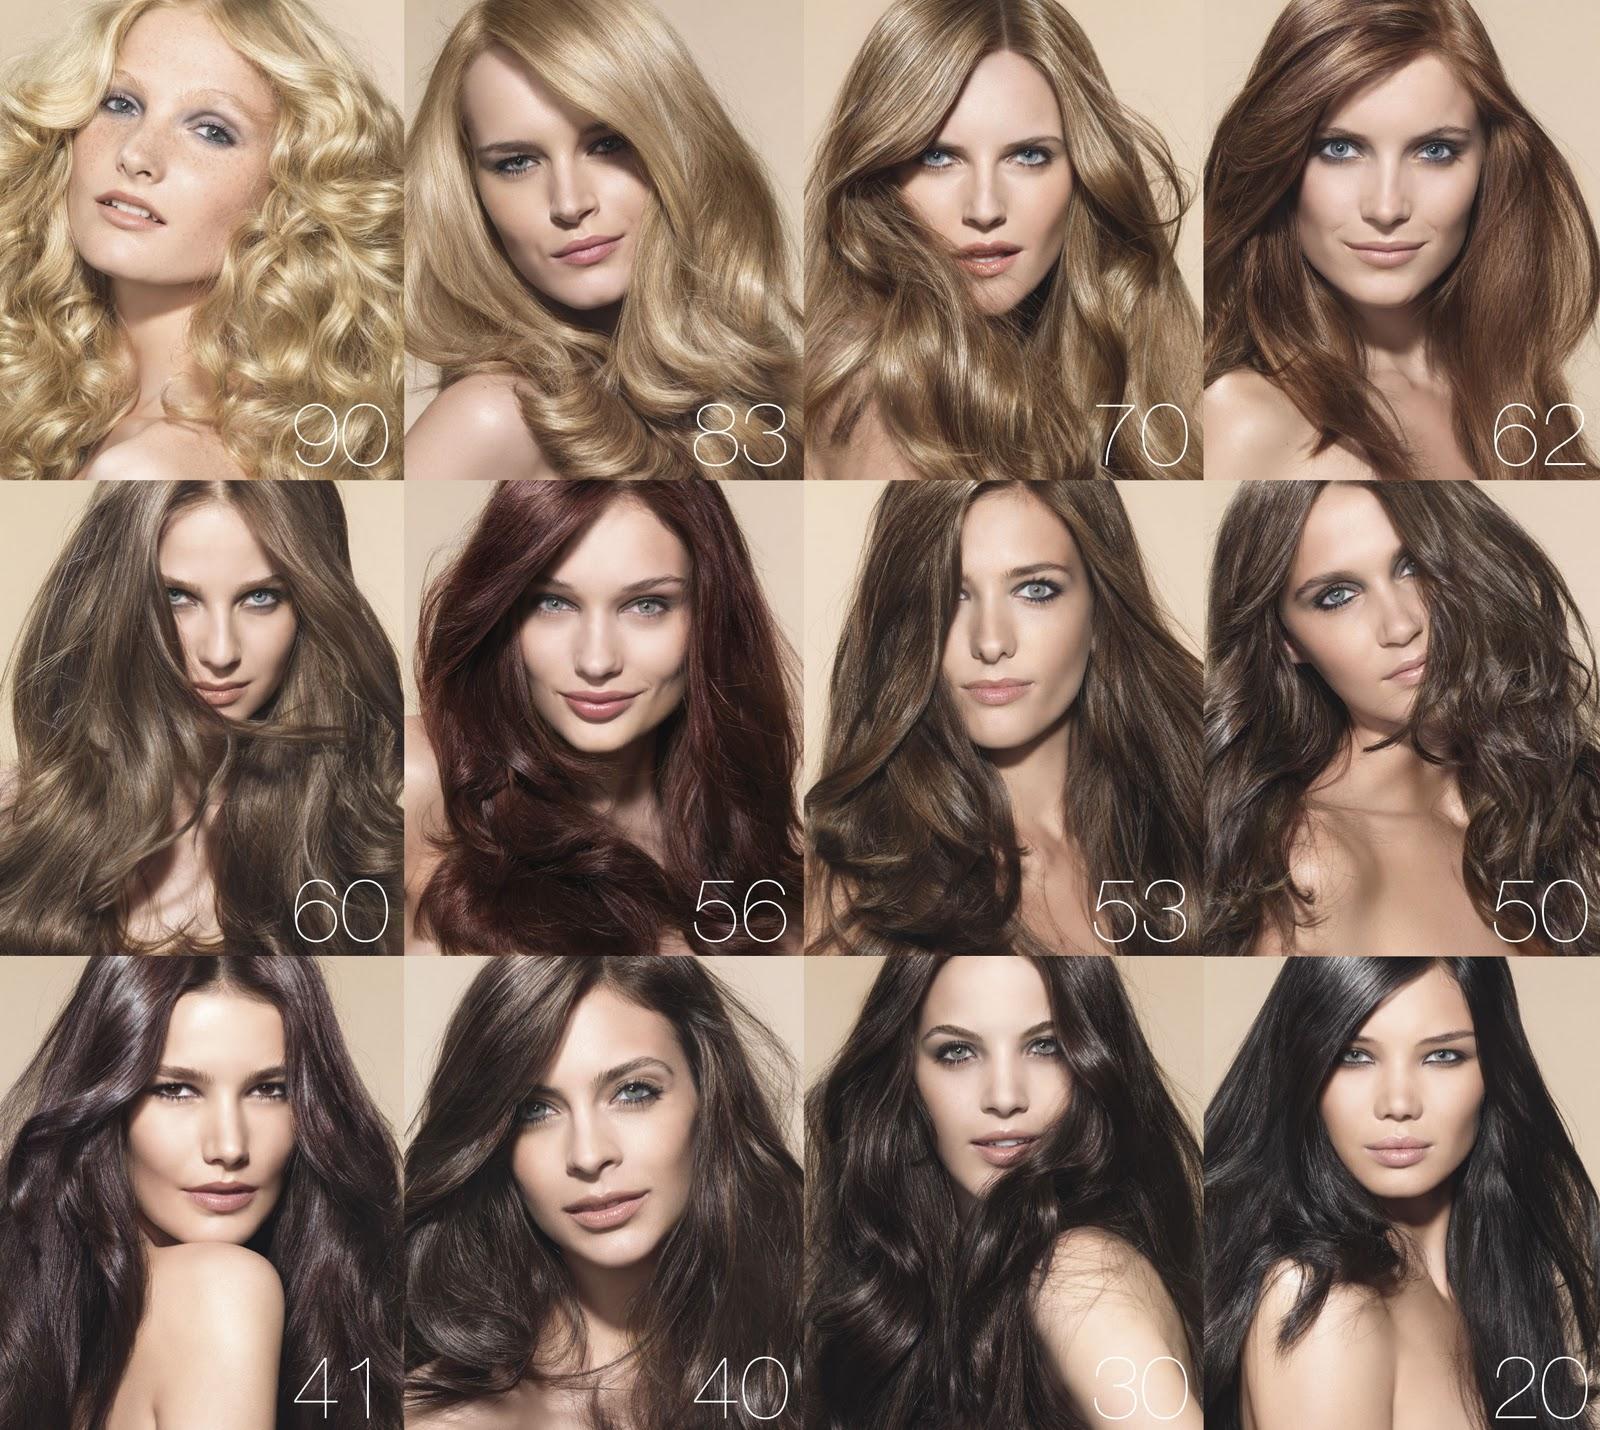 Verven jullie weleens je haar? Zo ja, welke kleuren heb jij al gehad?